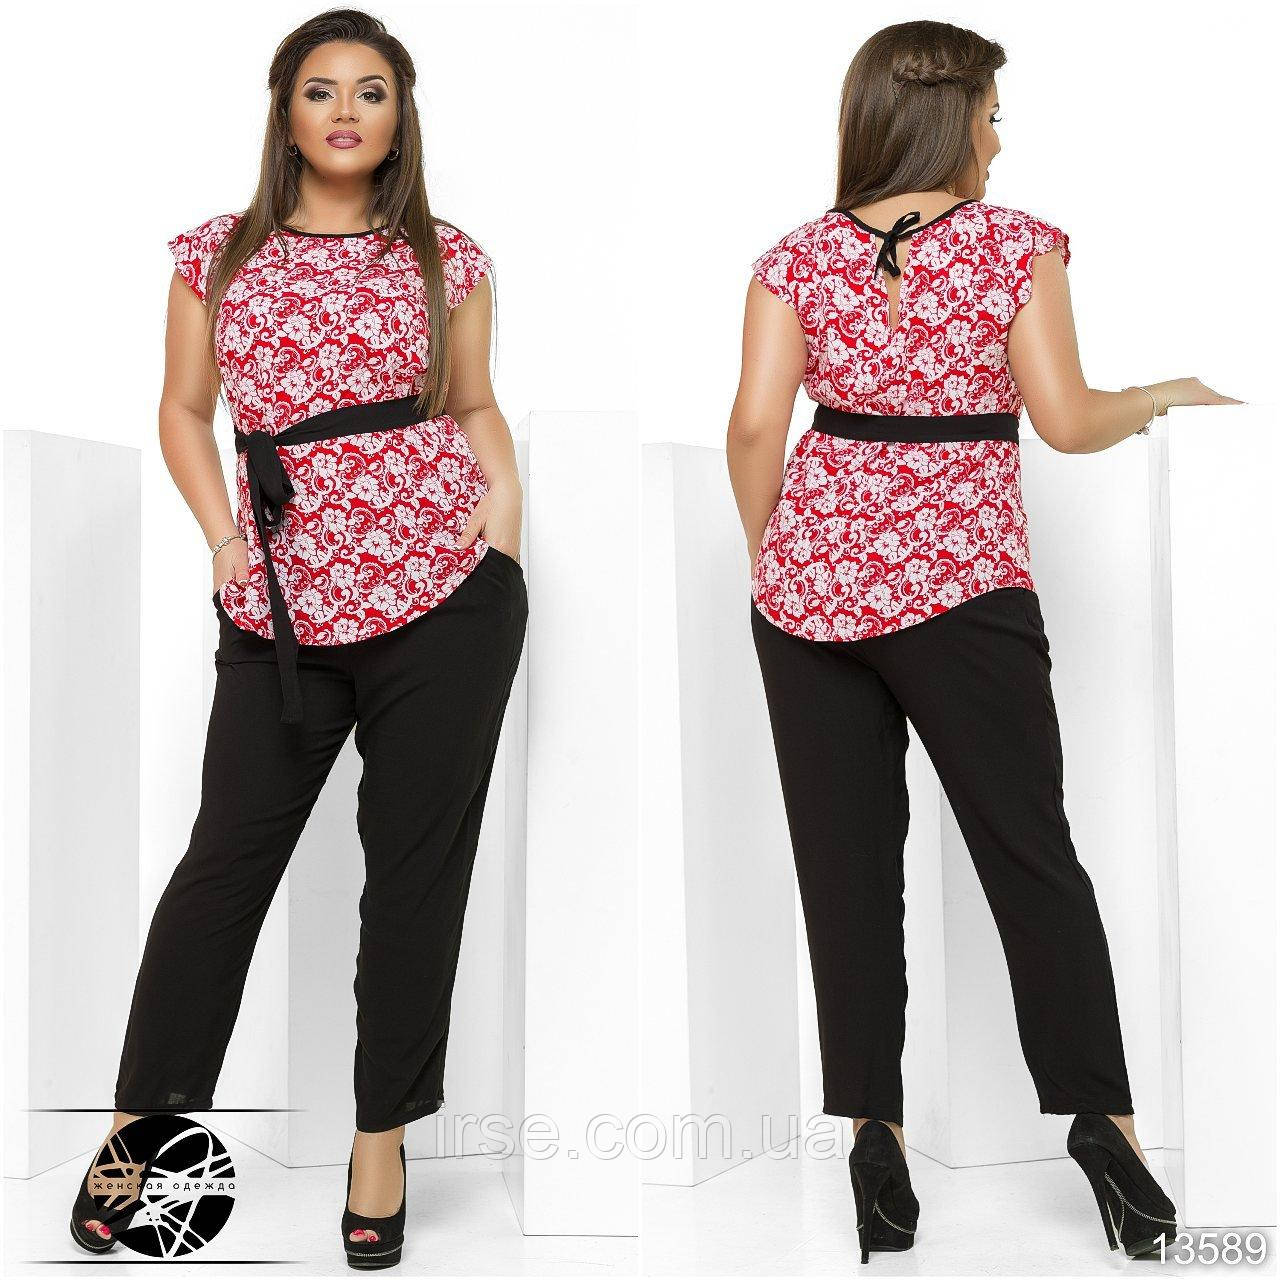 85819083a01 Женский повседневный костюм  блузка красного цвета с коротким рукавом +  штаны. Модель 13589. Батальные размеры